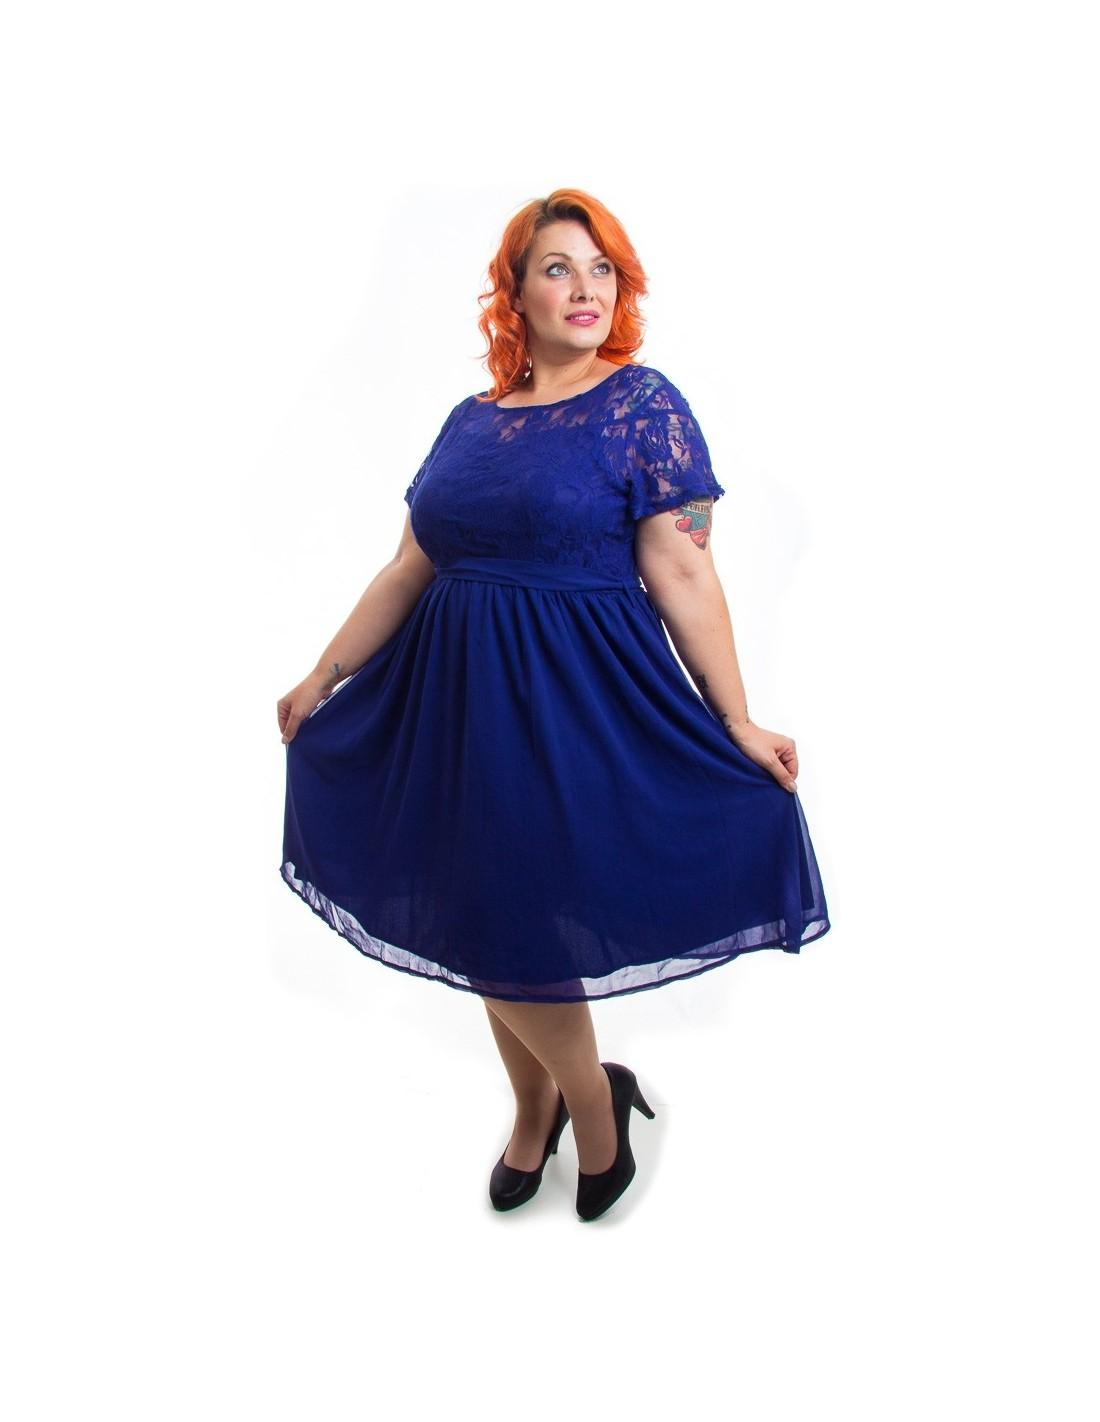 Comprar Vestido De Fiesta Azul En Talla Grande Online Zadeshop